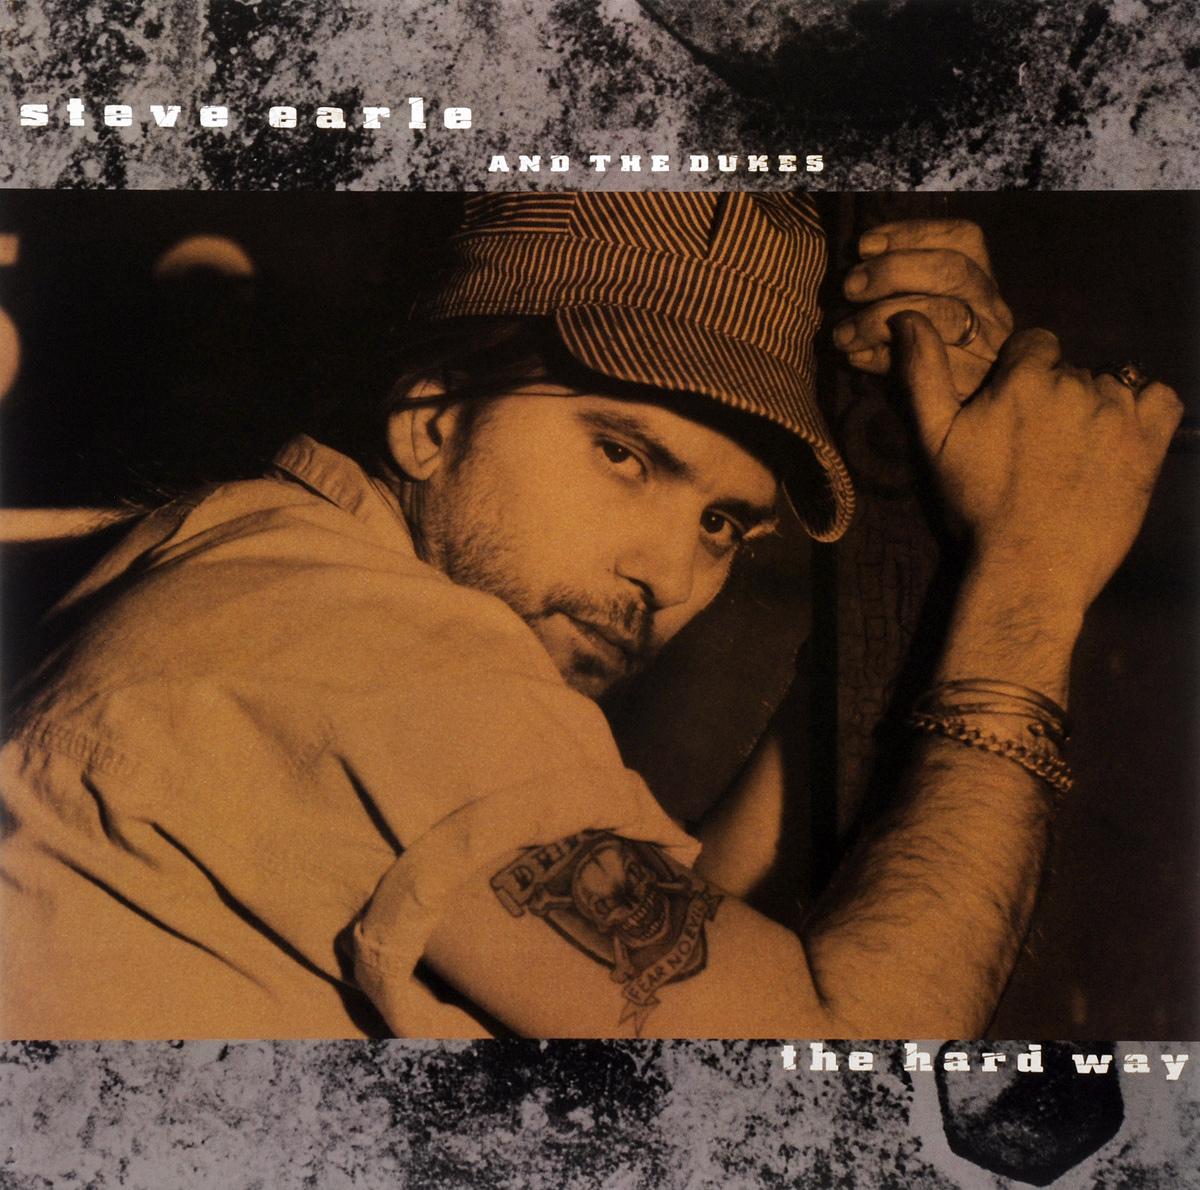 Стив Эрль,The Dukes Steve Earle And The Dukes. The Hard Way (LP) the heir